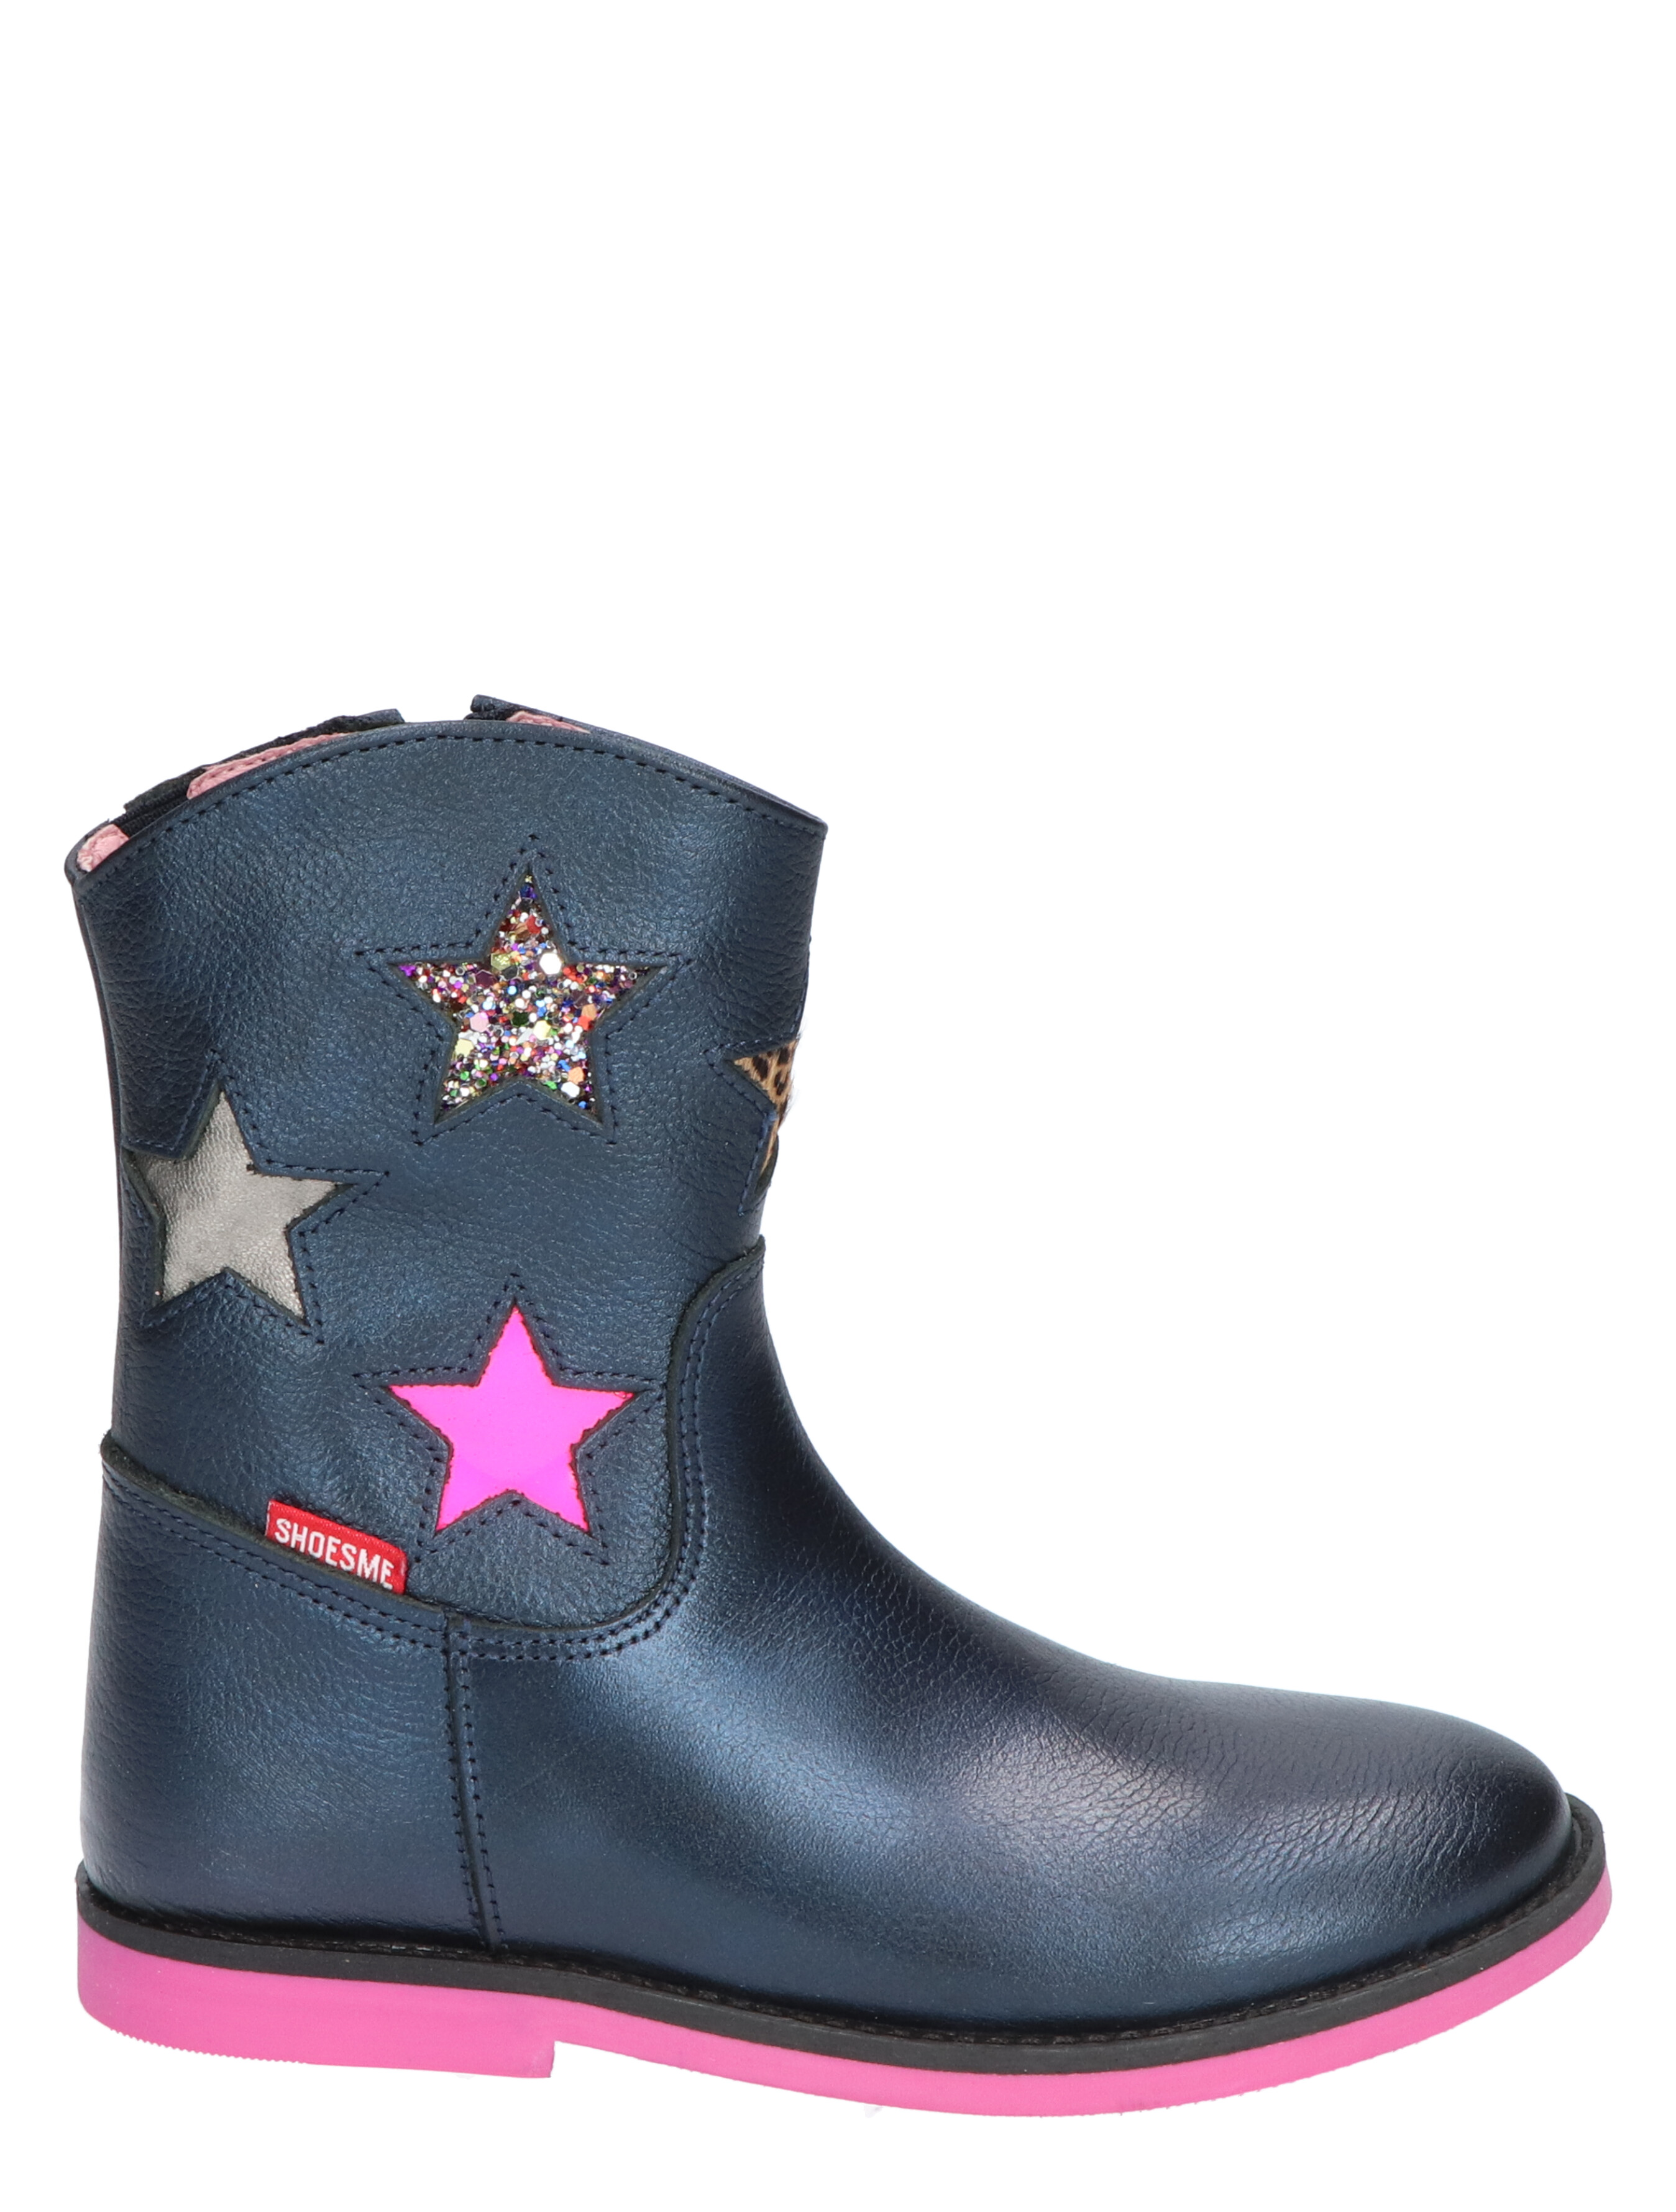 Shoesme SI9W079 Marino Enkellaarzen